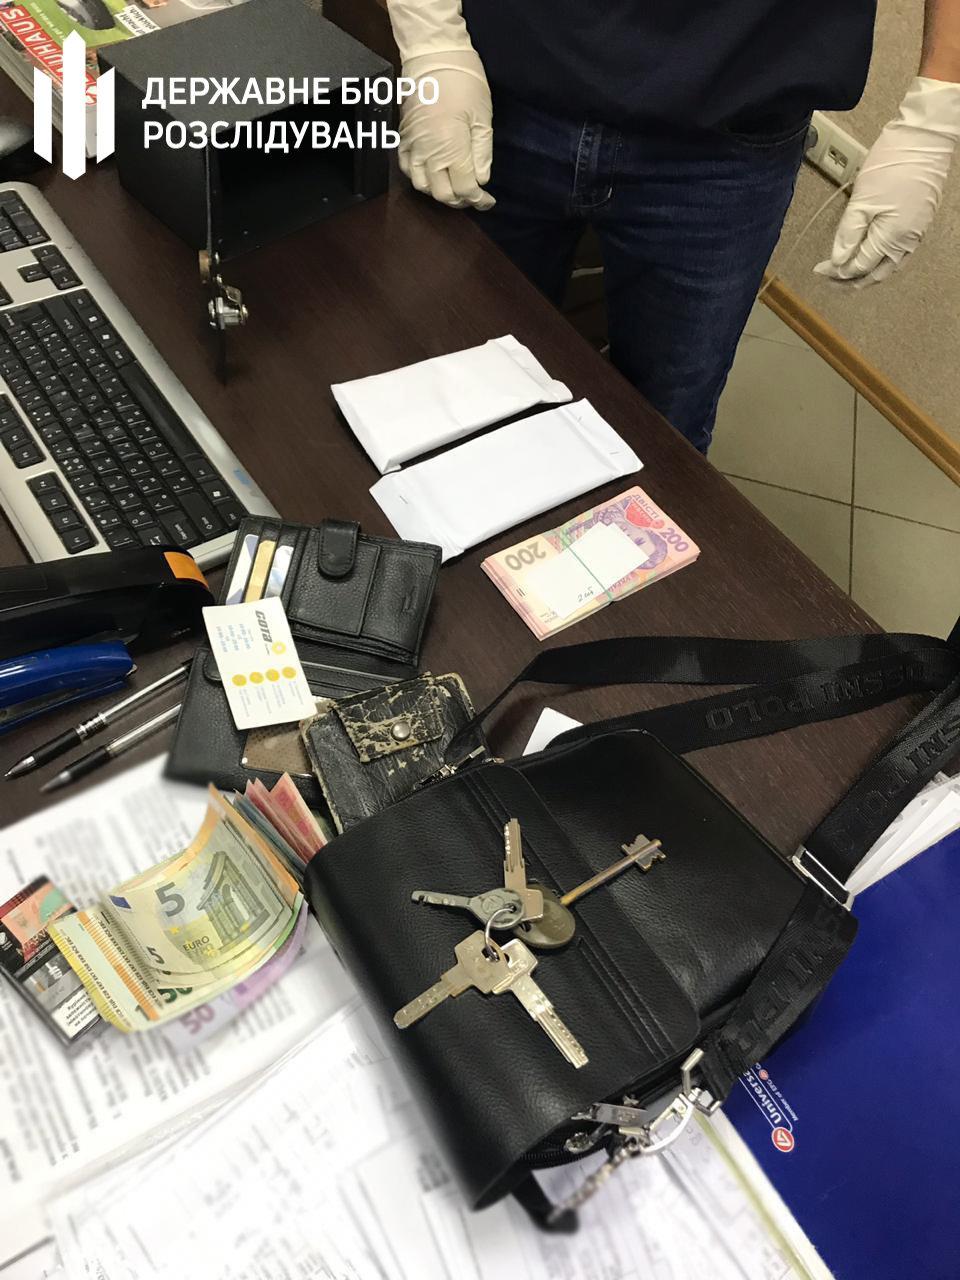 Хмельницькі правоохоронці затримали керівника митного посту за «відкати» на розмитнені , фото-5